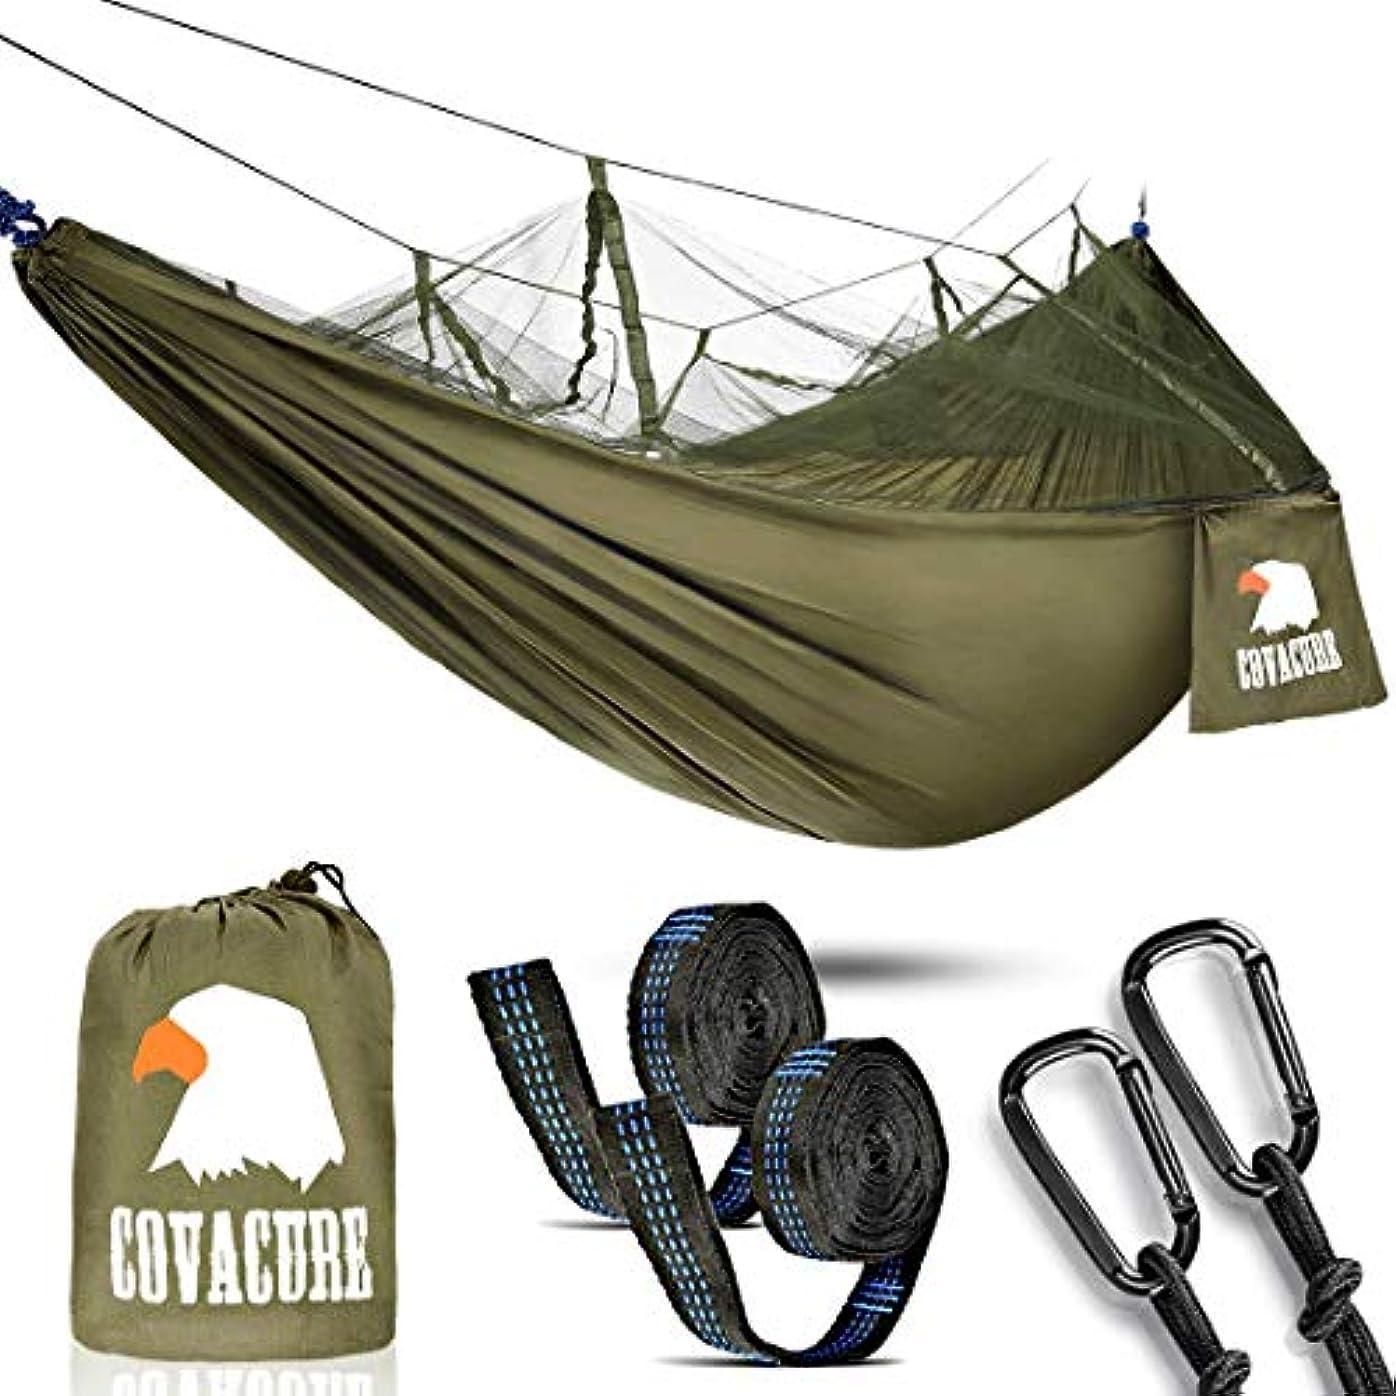 束名目上のに関してハンモック-COVACURE-蚊帳付き 軽量 幅広 丈夫 収納バッグ付き カラビナ付き 持ち運び 折りたたみ 室内 アウトドア キャンプ 公園 ハイキング 釣り ピクニック